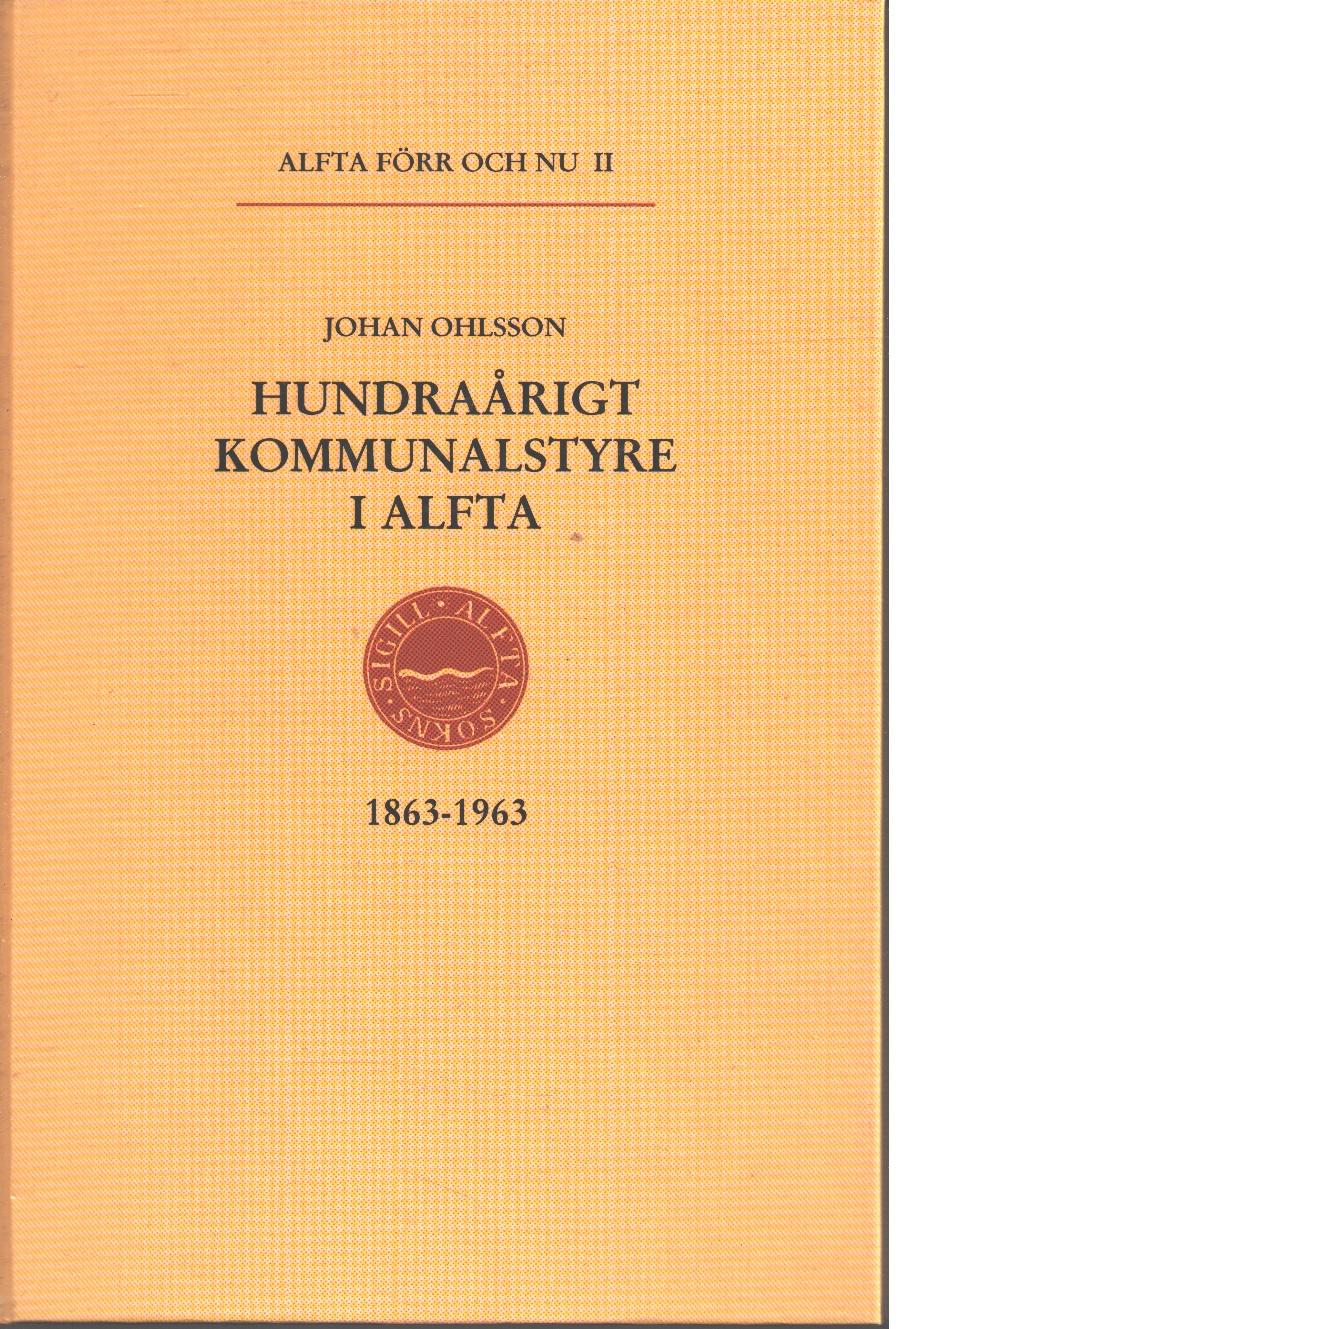 Alfta förr och nu. 2, Hundraårigt kommunalstyre i Alfta : 1863-1963 - Ohlsson, Johan